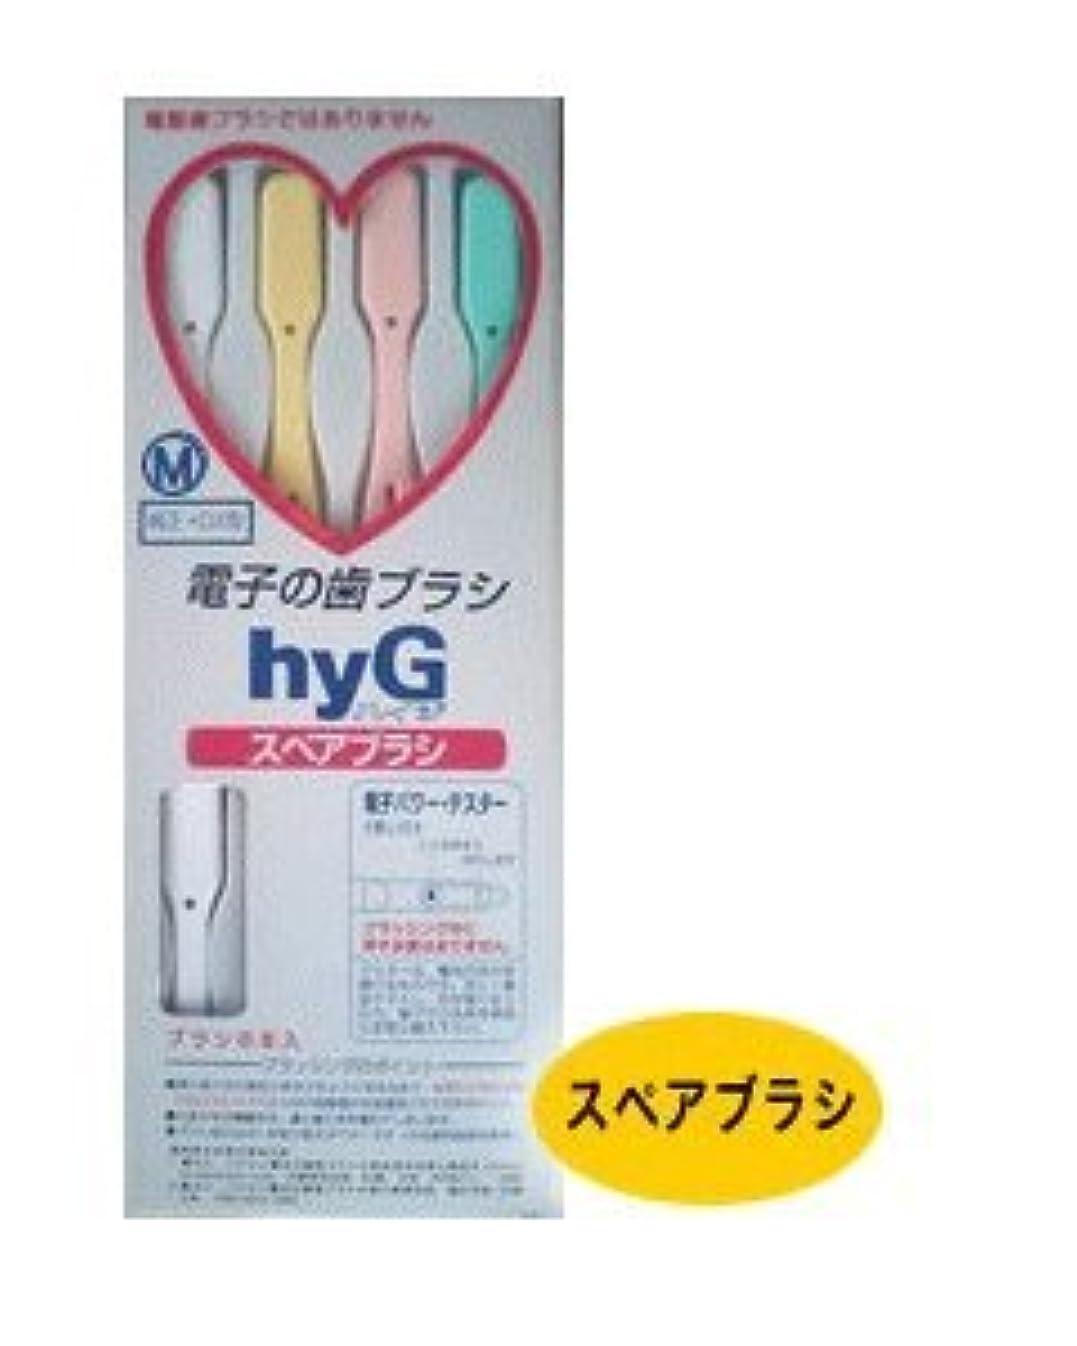 プランターオークランド束電子の歯ブラシ ハイジ(hyG) スペアブラシ M(ミディアム) 【純正?DX型】